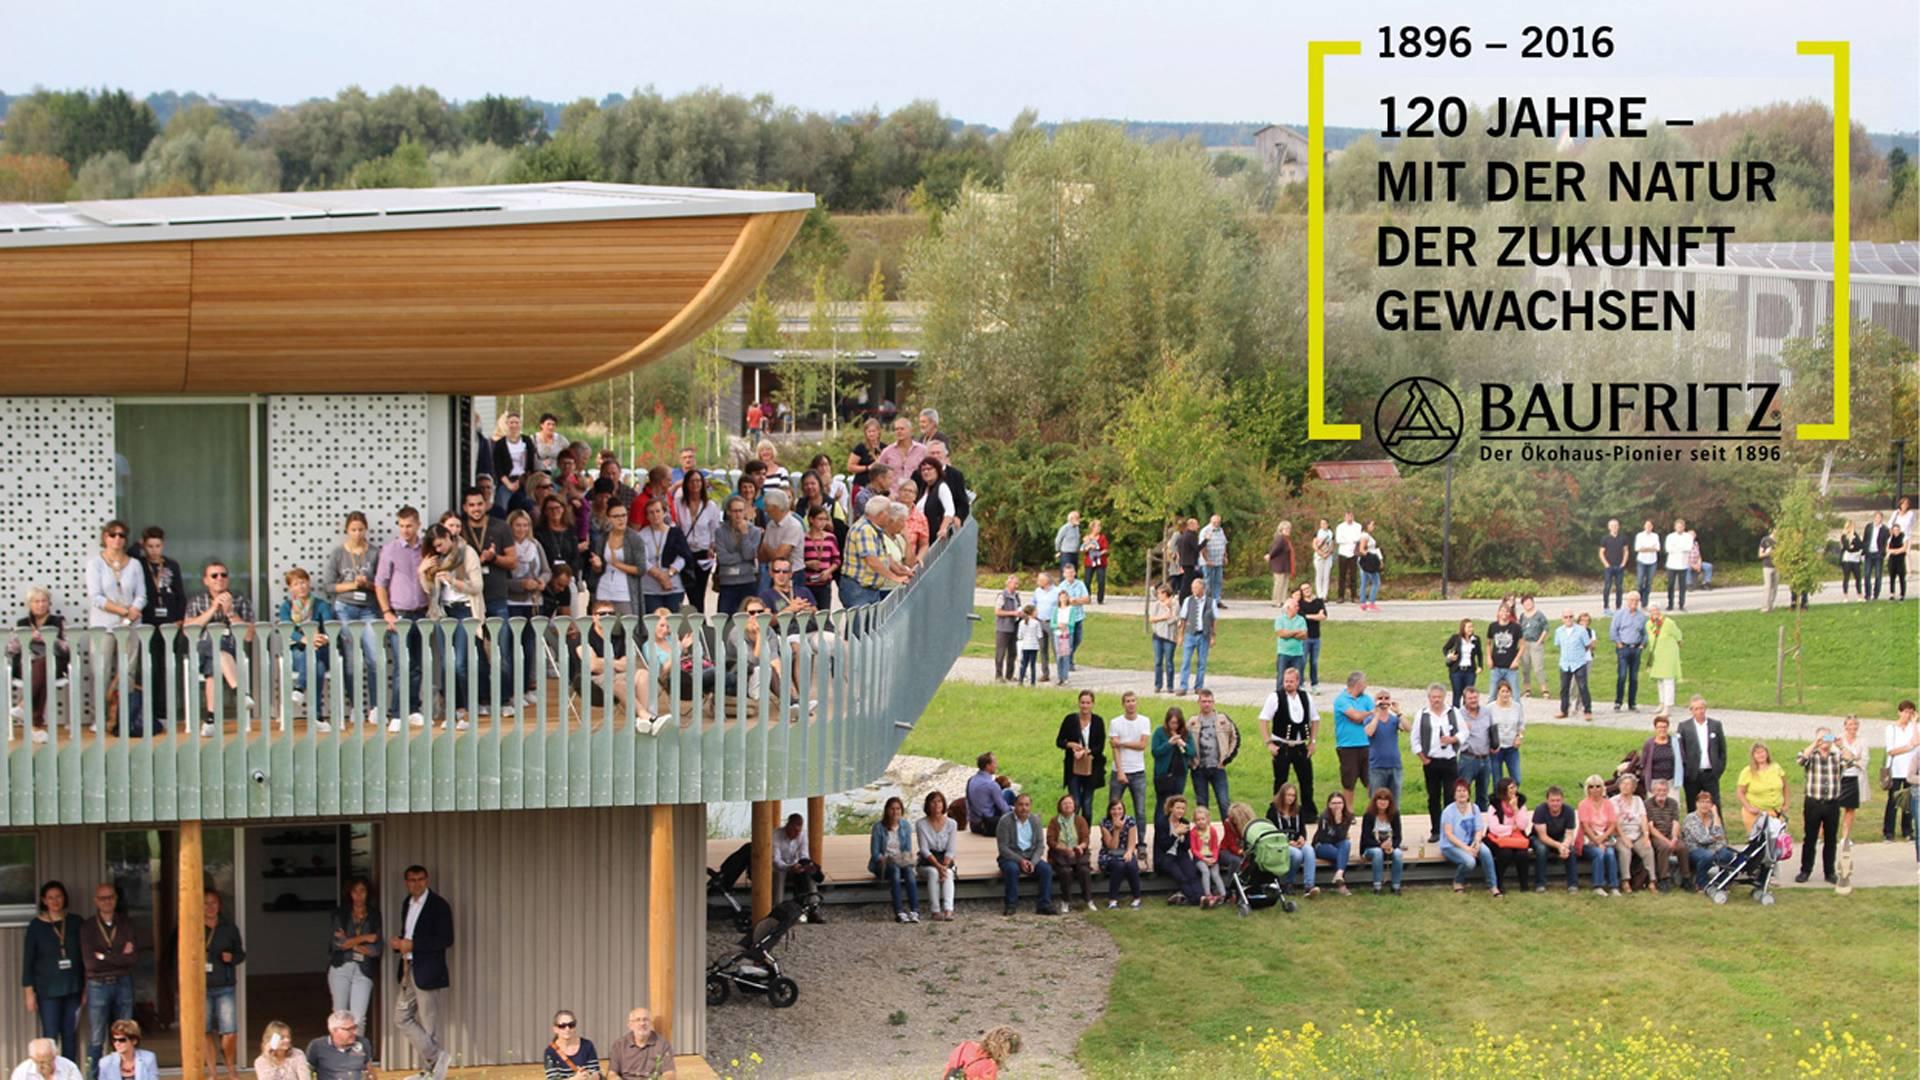 Baufritz Jubiläum 120 Jahre